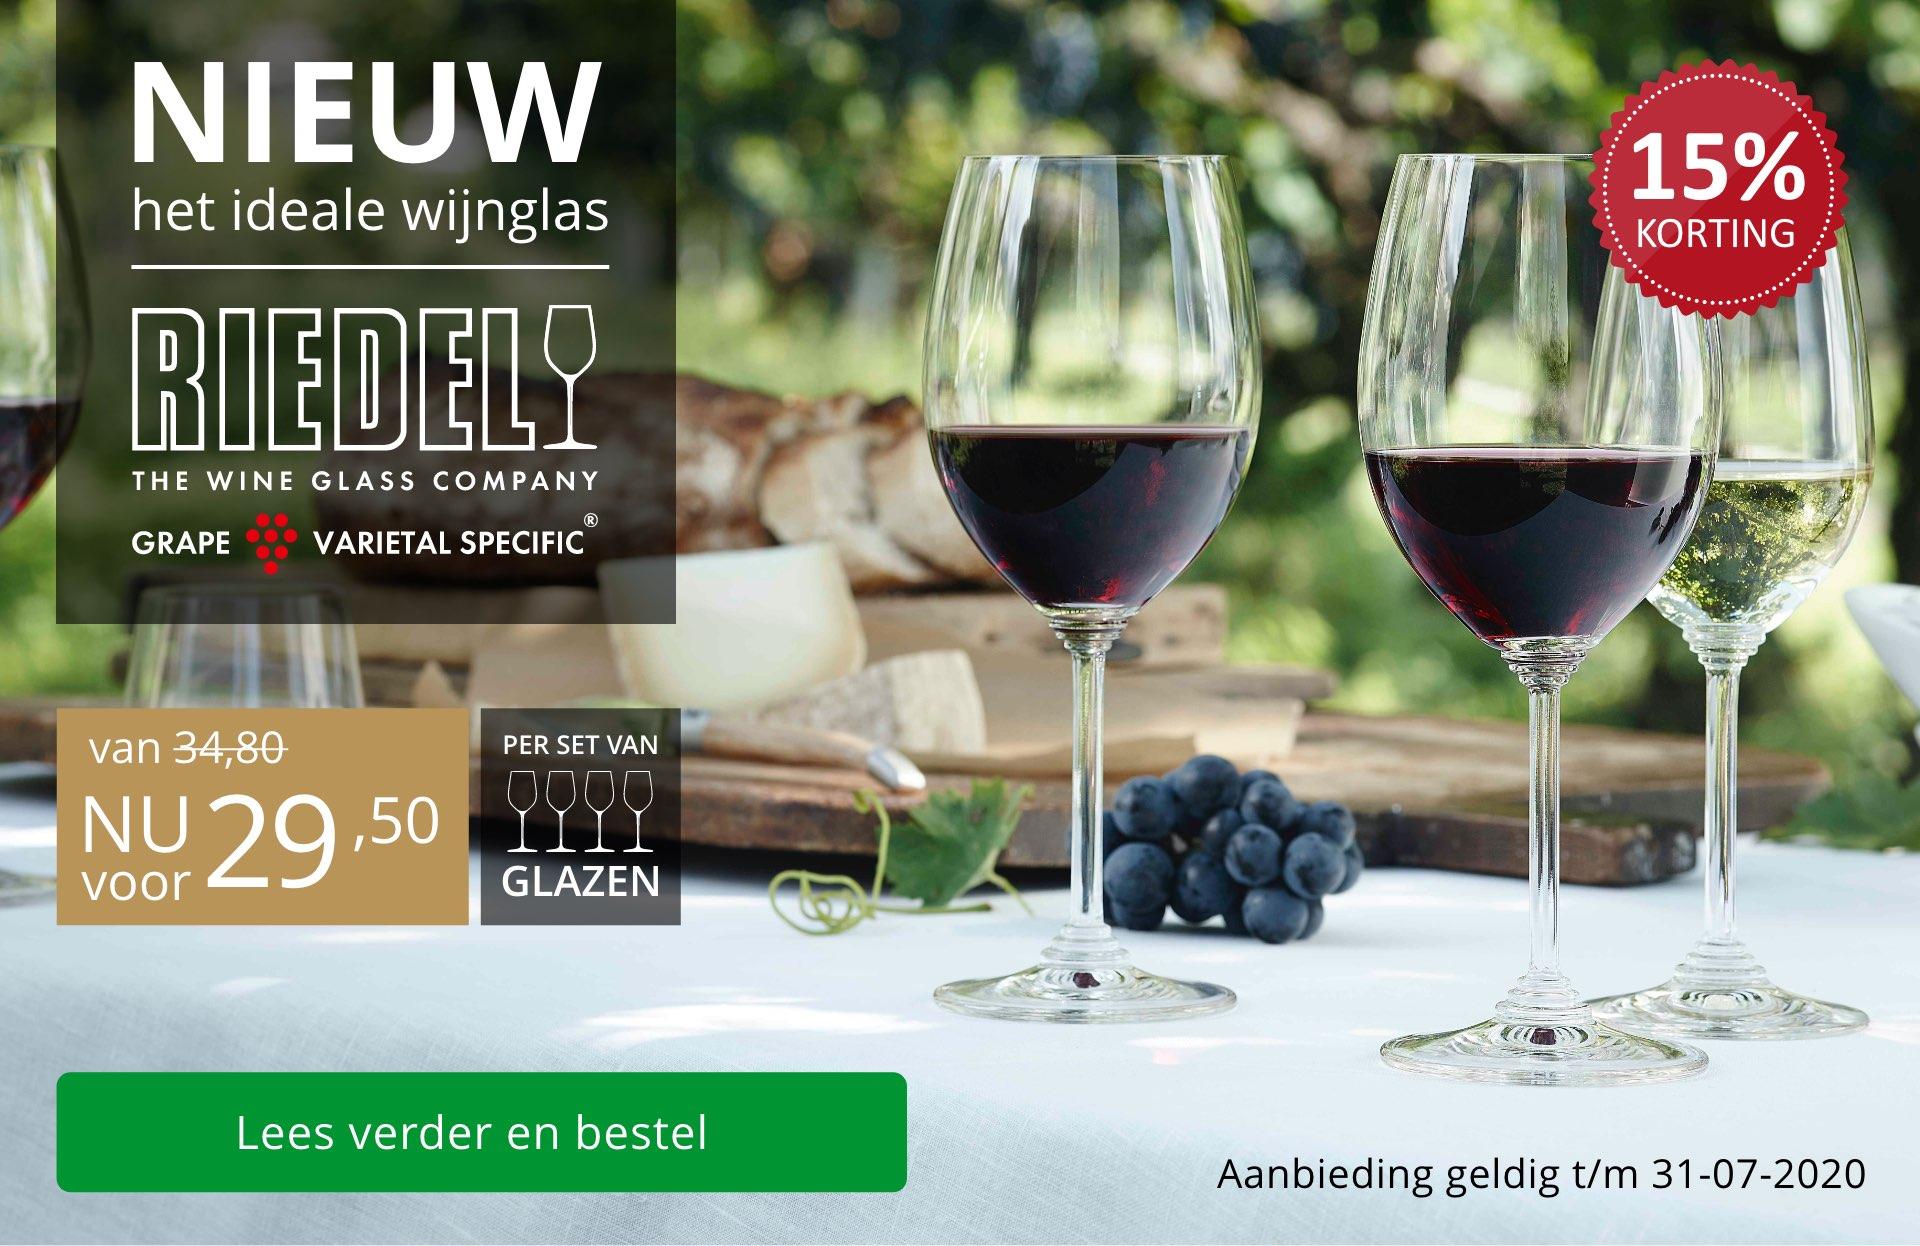 NIEUW: ideale wijnglazen van Riedel - zwart/goud